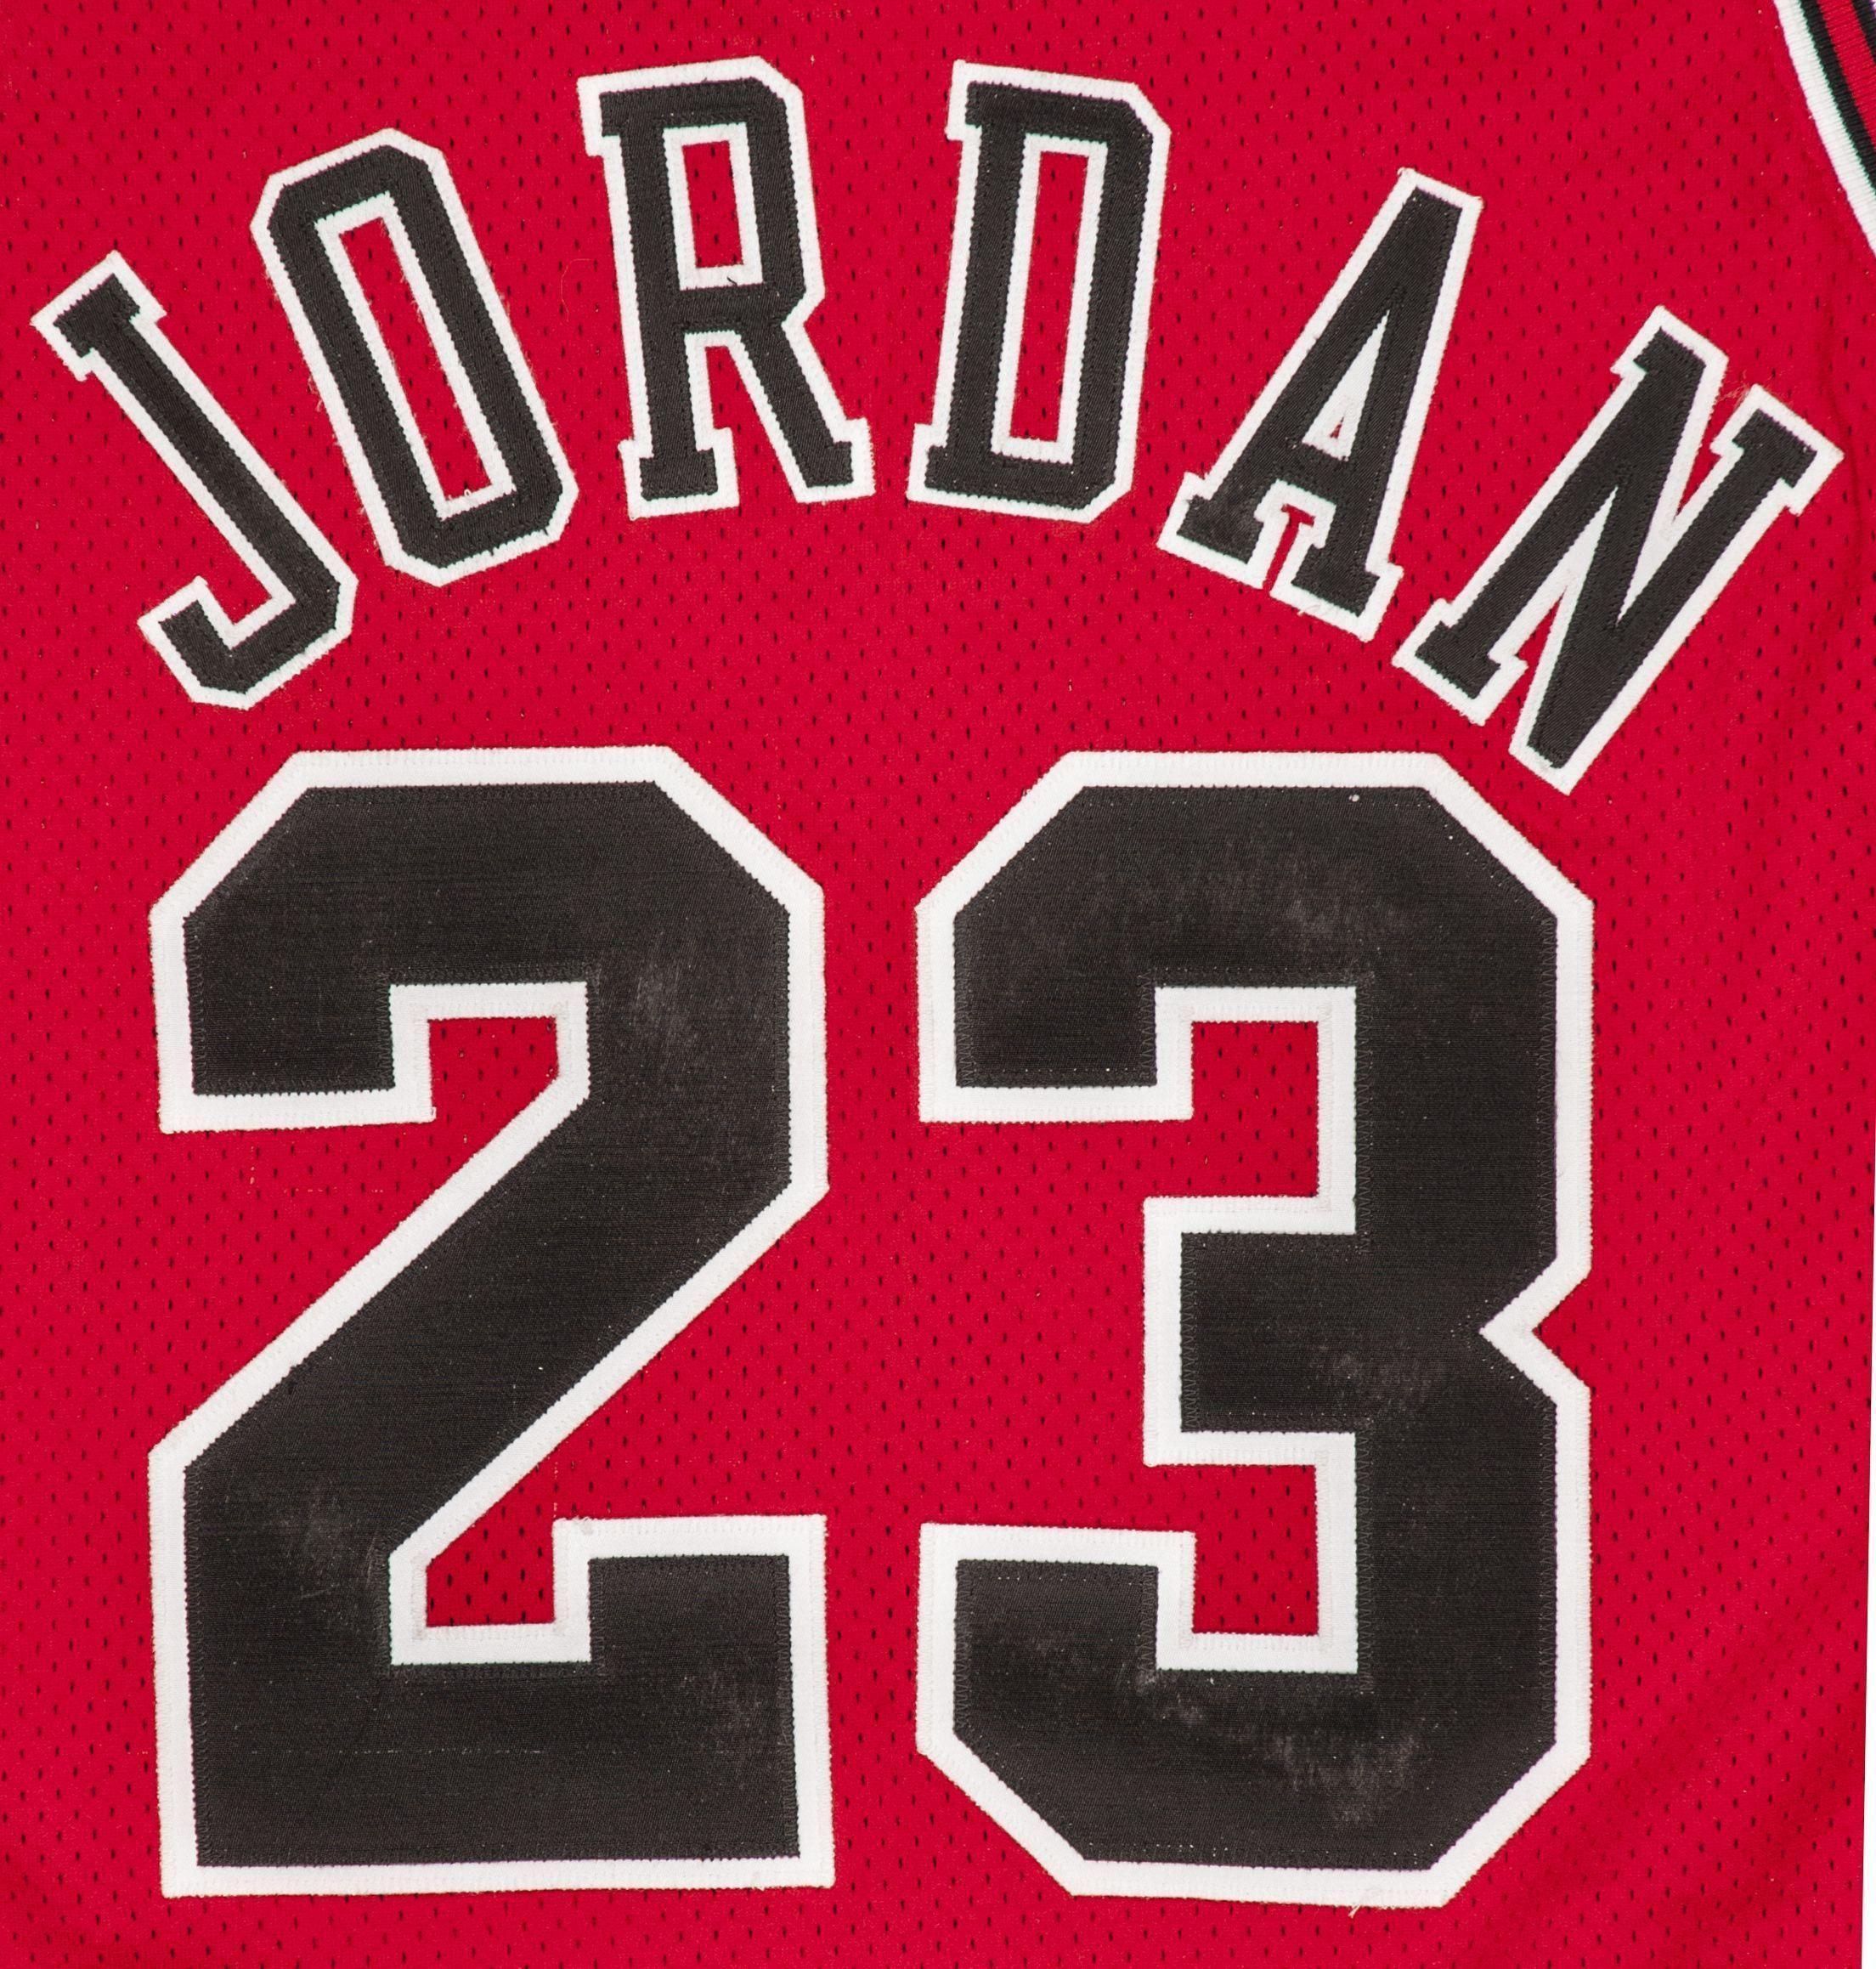 Jordan 23 Logos.